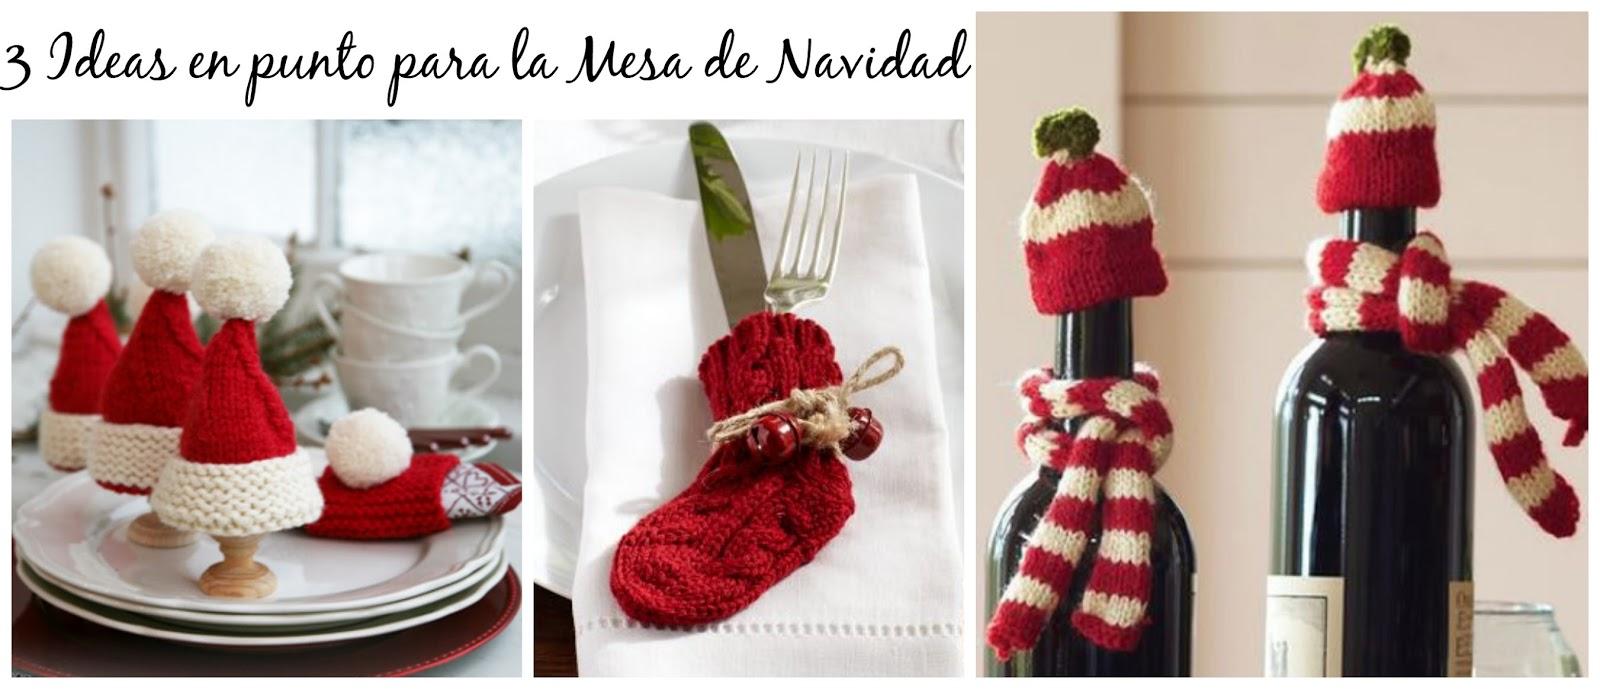 3 ideas en punto para la mesa de navidad - Mesa para navidad decoracion ...